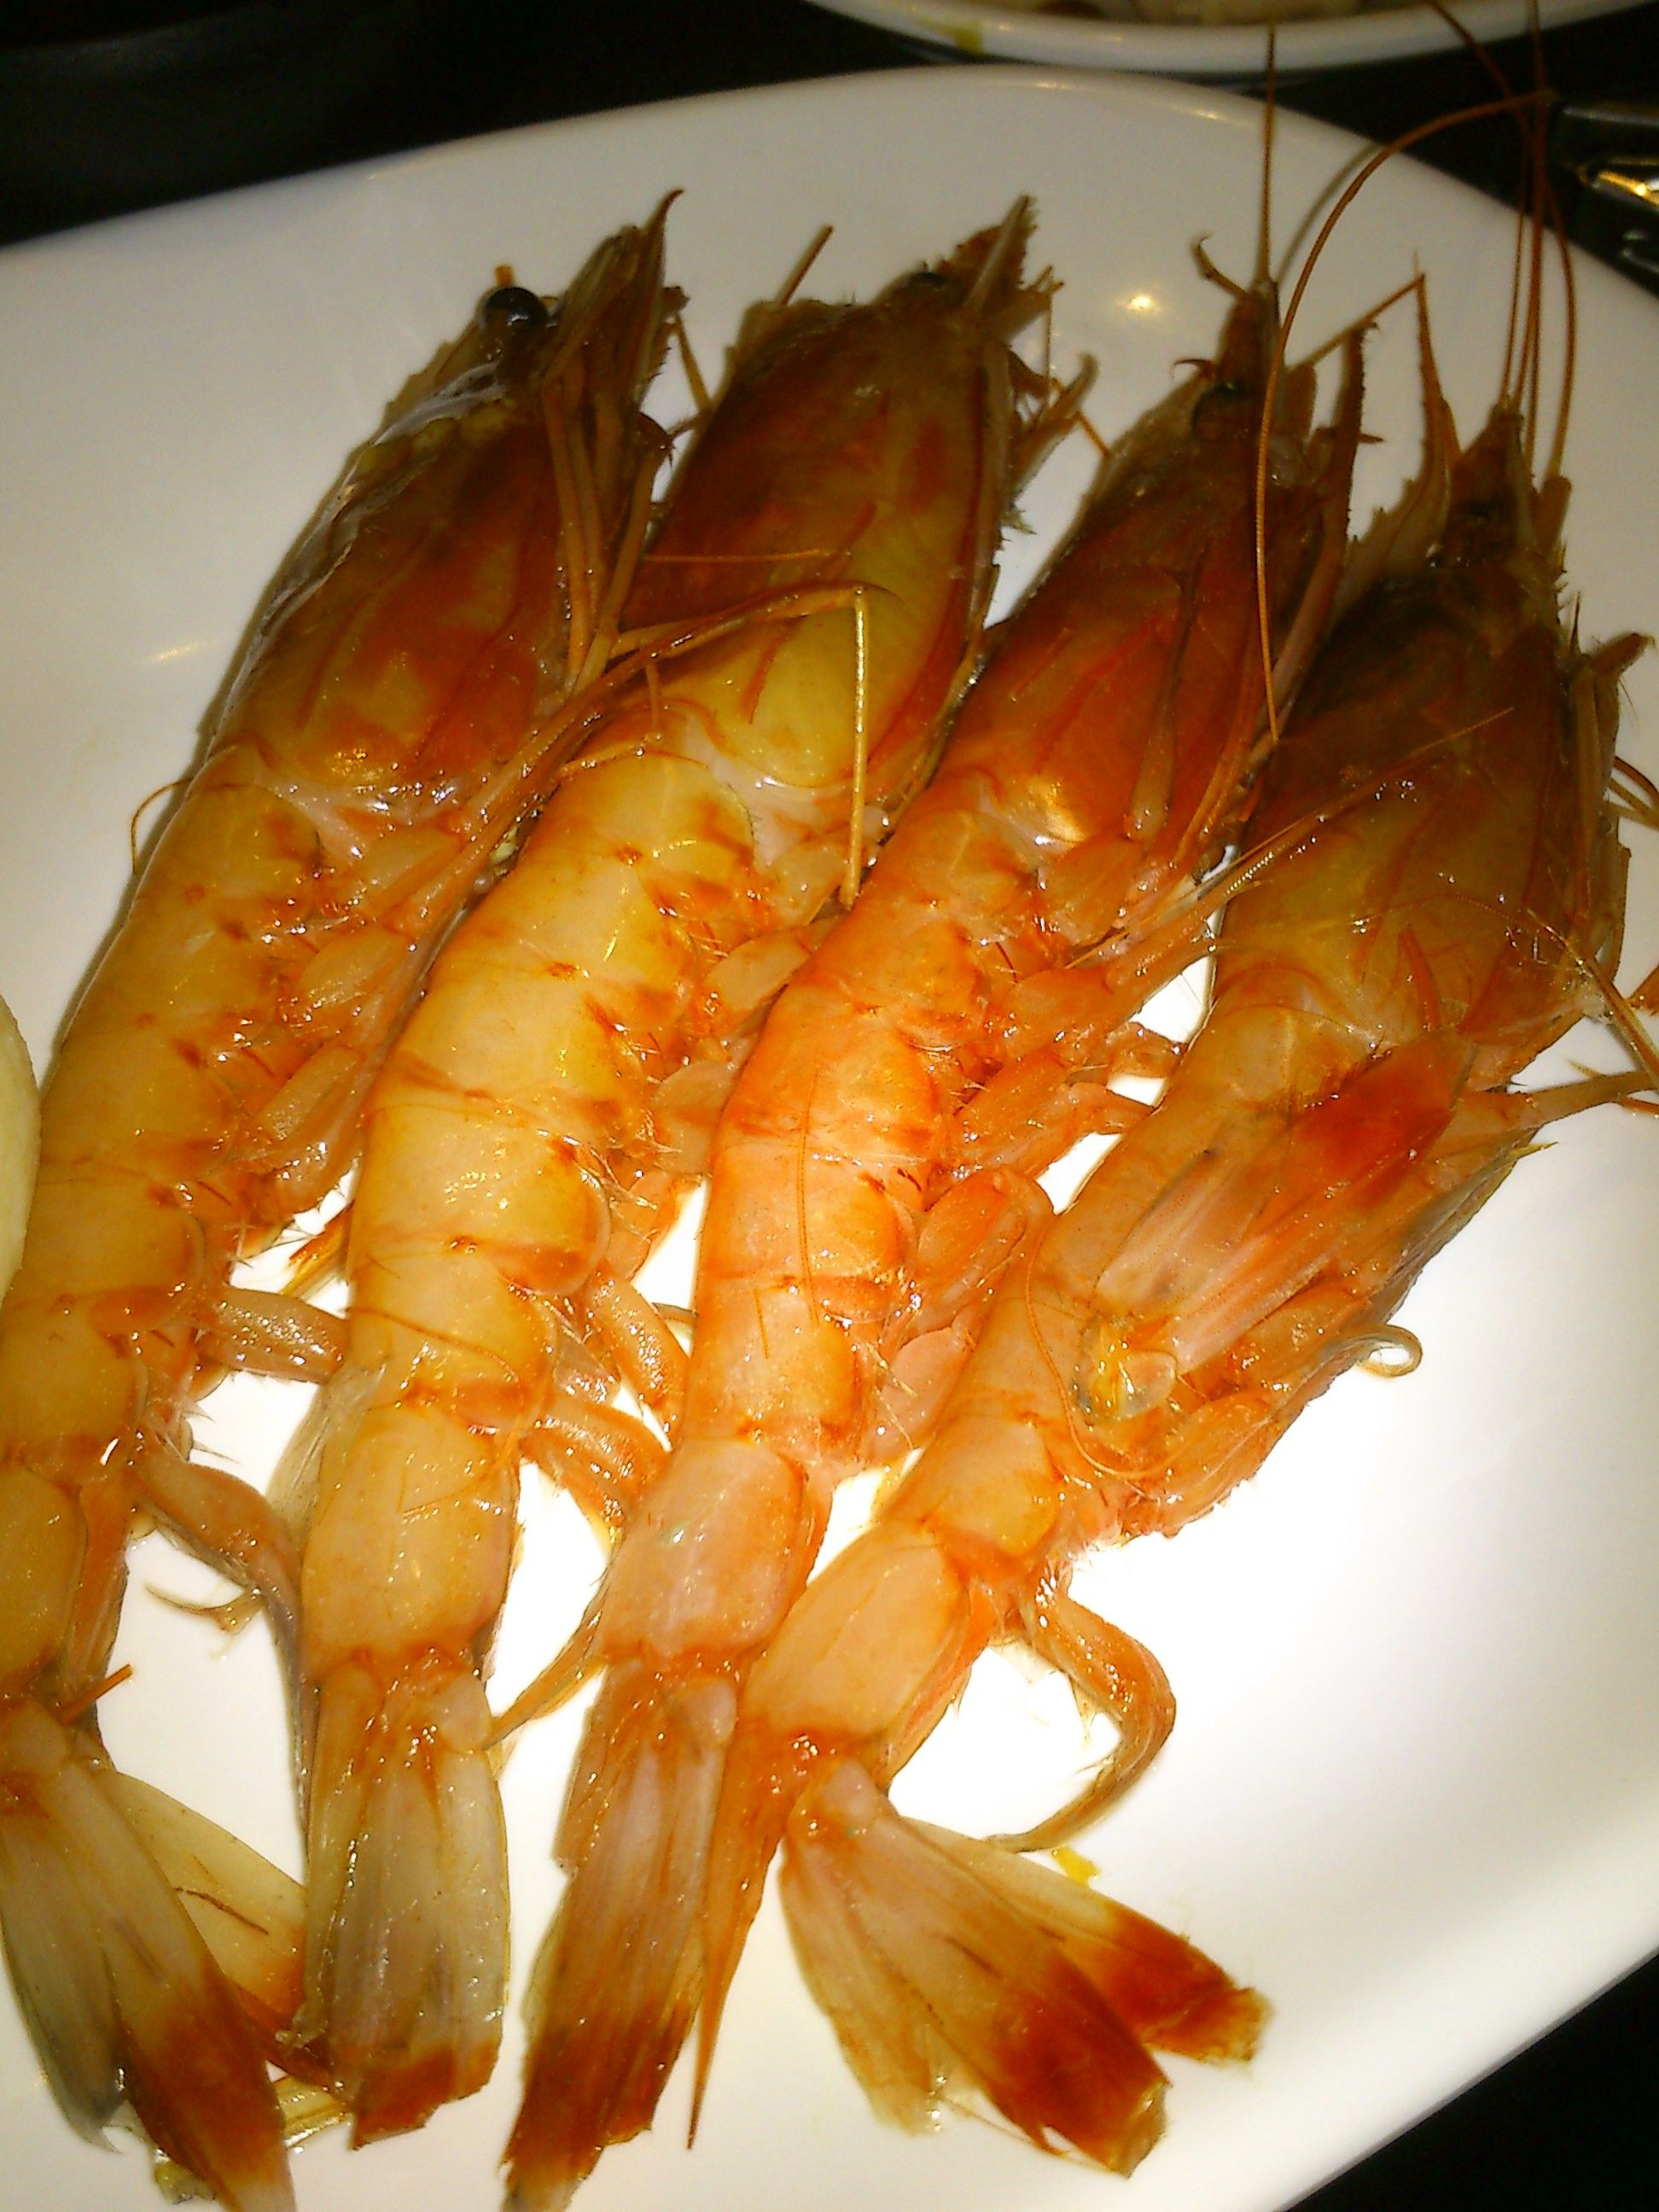 @八海 a.k.a. hakkai hotpot restaurant. special made shrimp, really tasty!